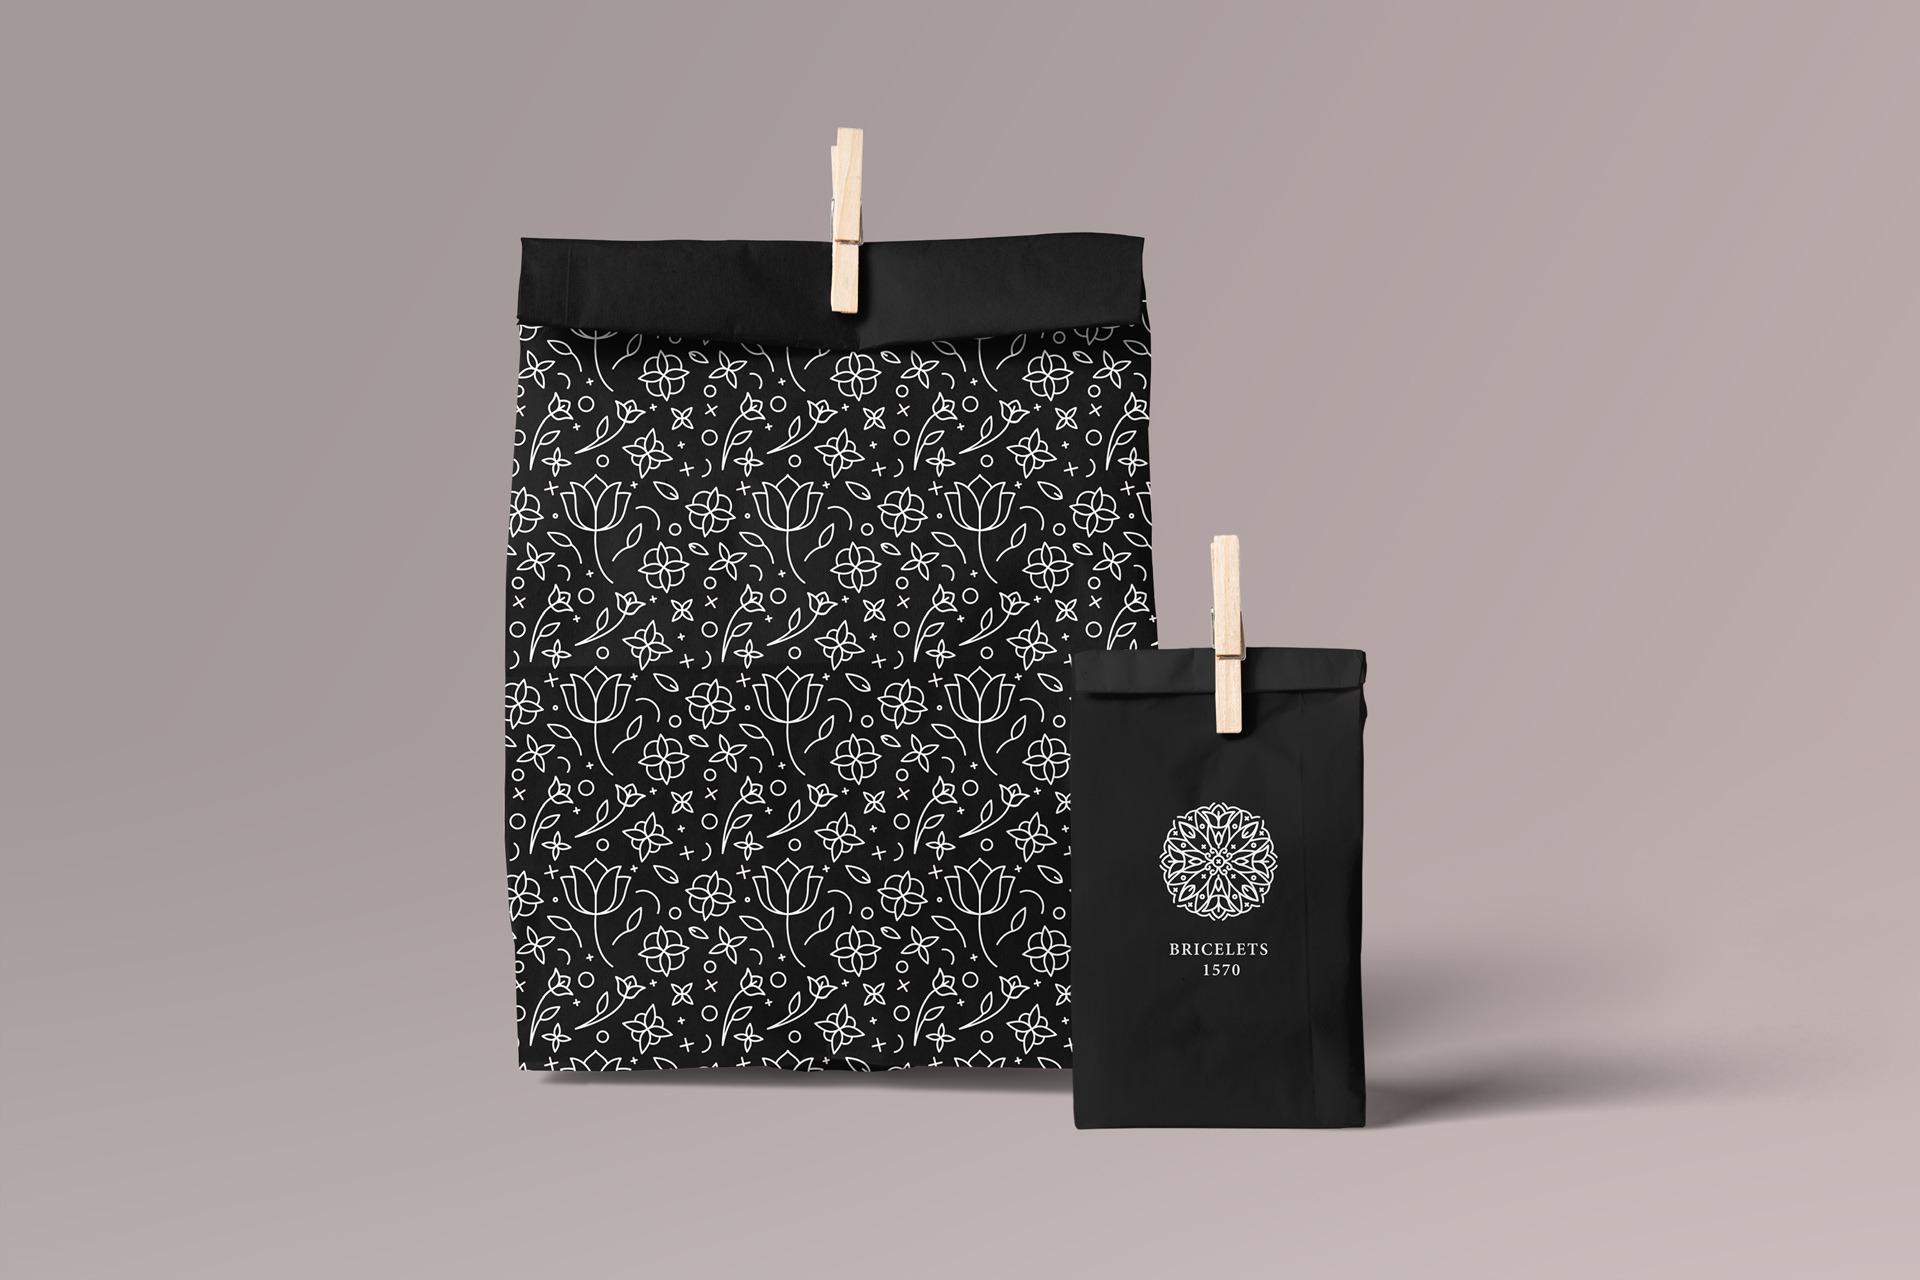 paper-bag-bricelets